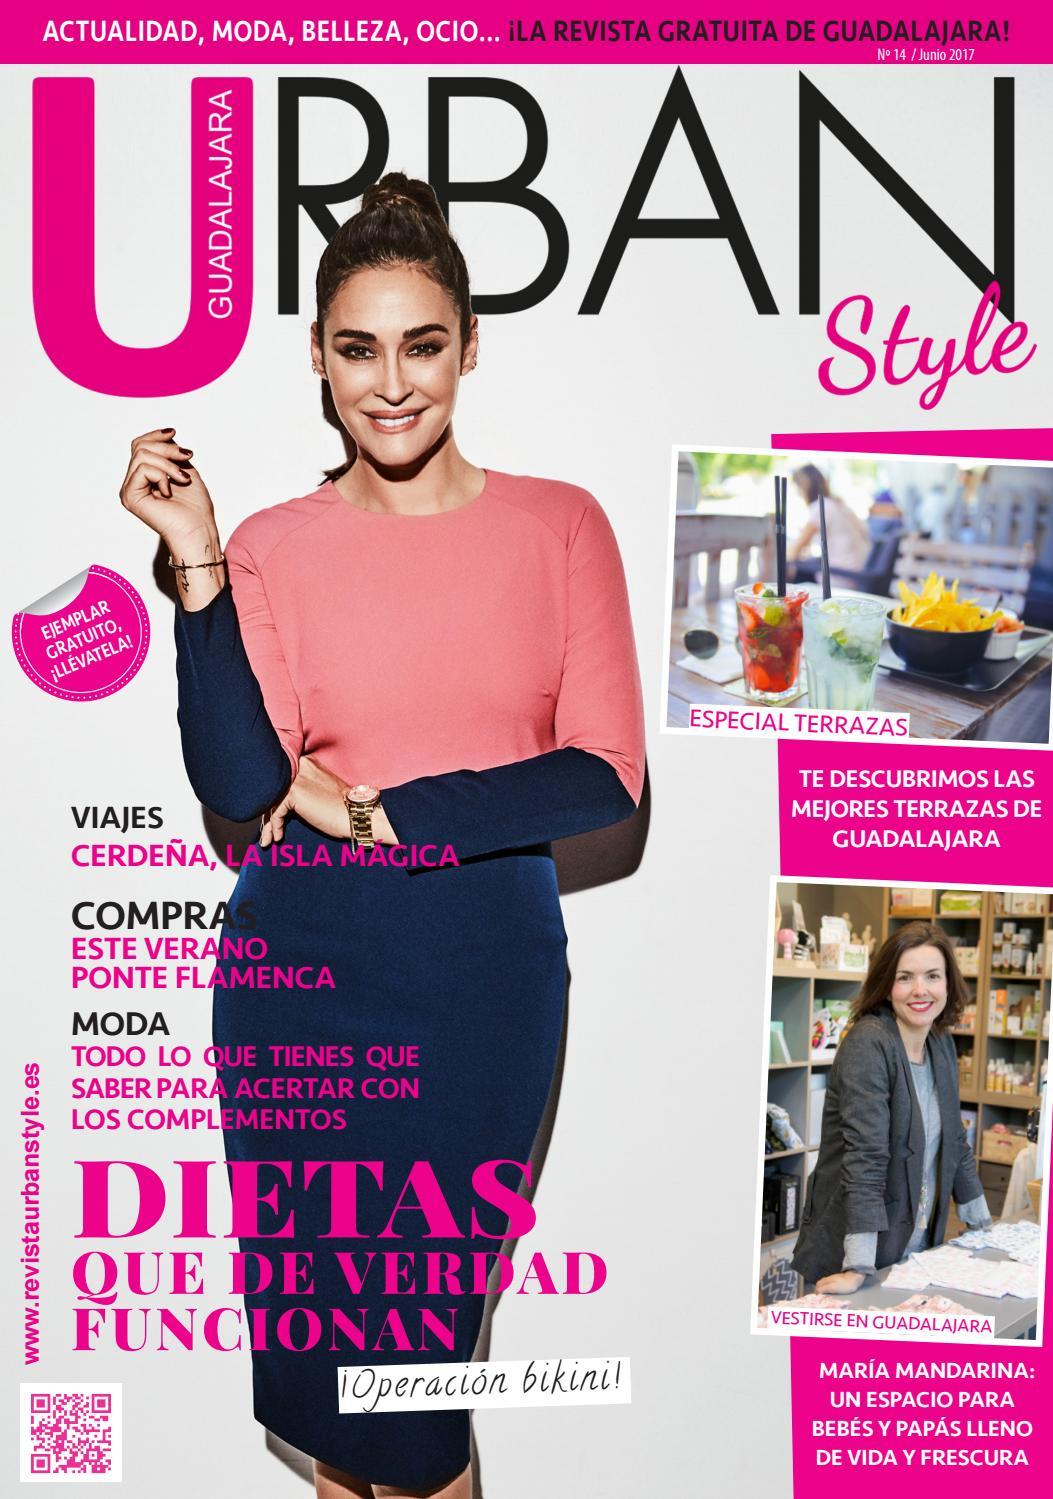 Urban Style Guadalajara 14 by Urban Style - issuu